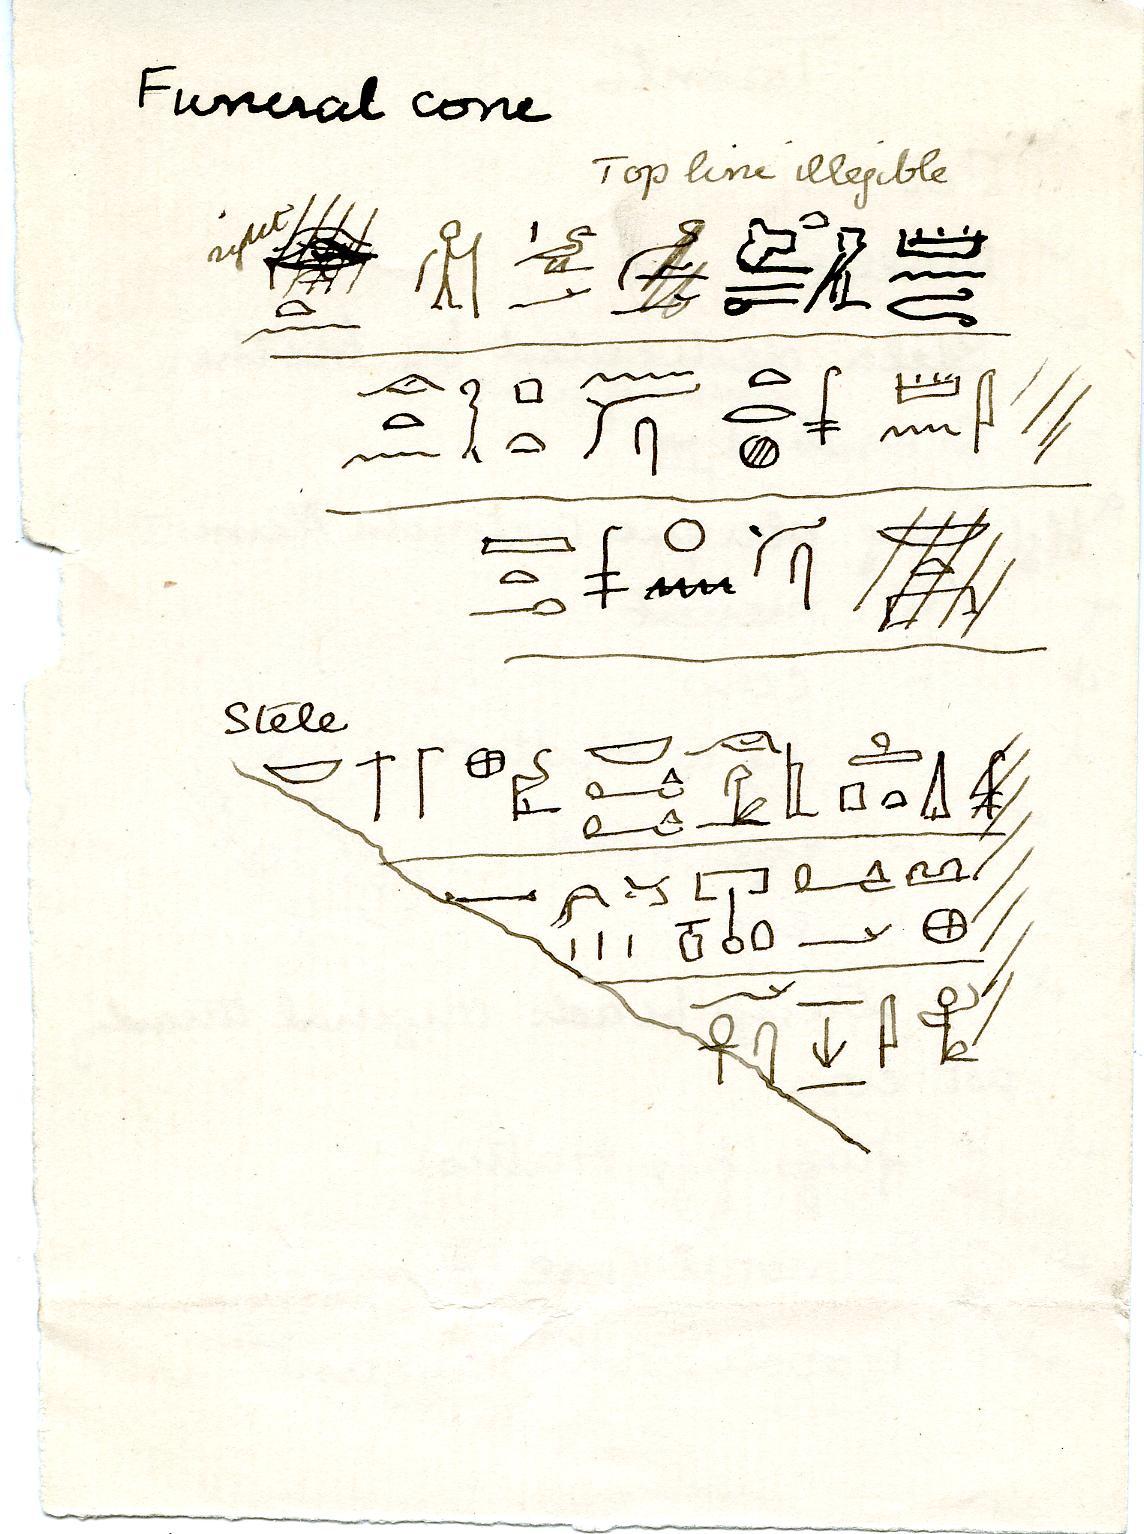 1902-04 Abydos, Deir el-Bahri, Oxyrhynchus, Ihnasya DIST.20.105b